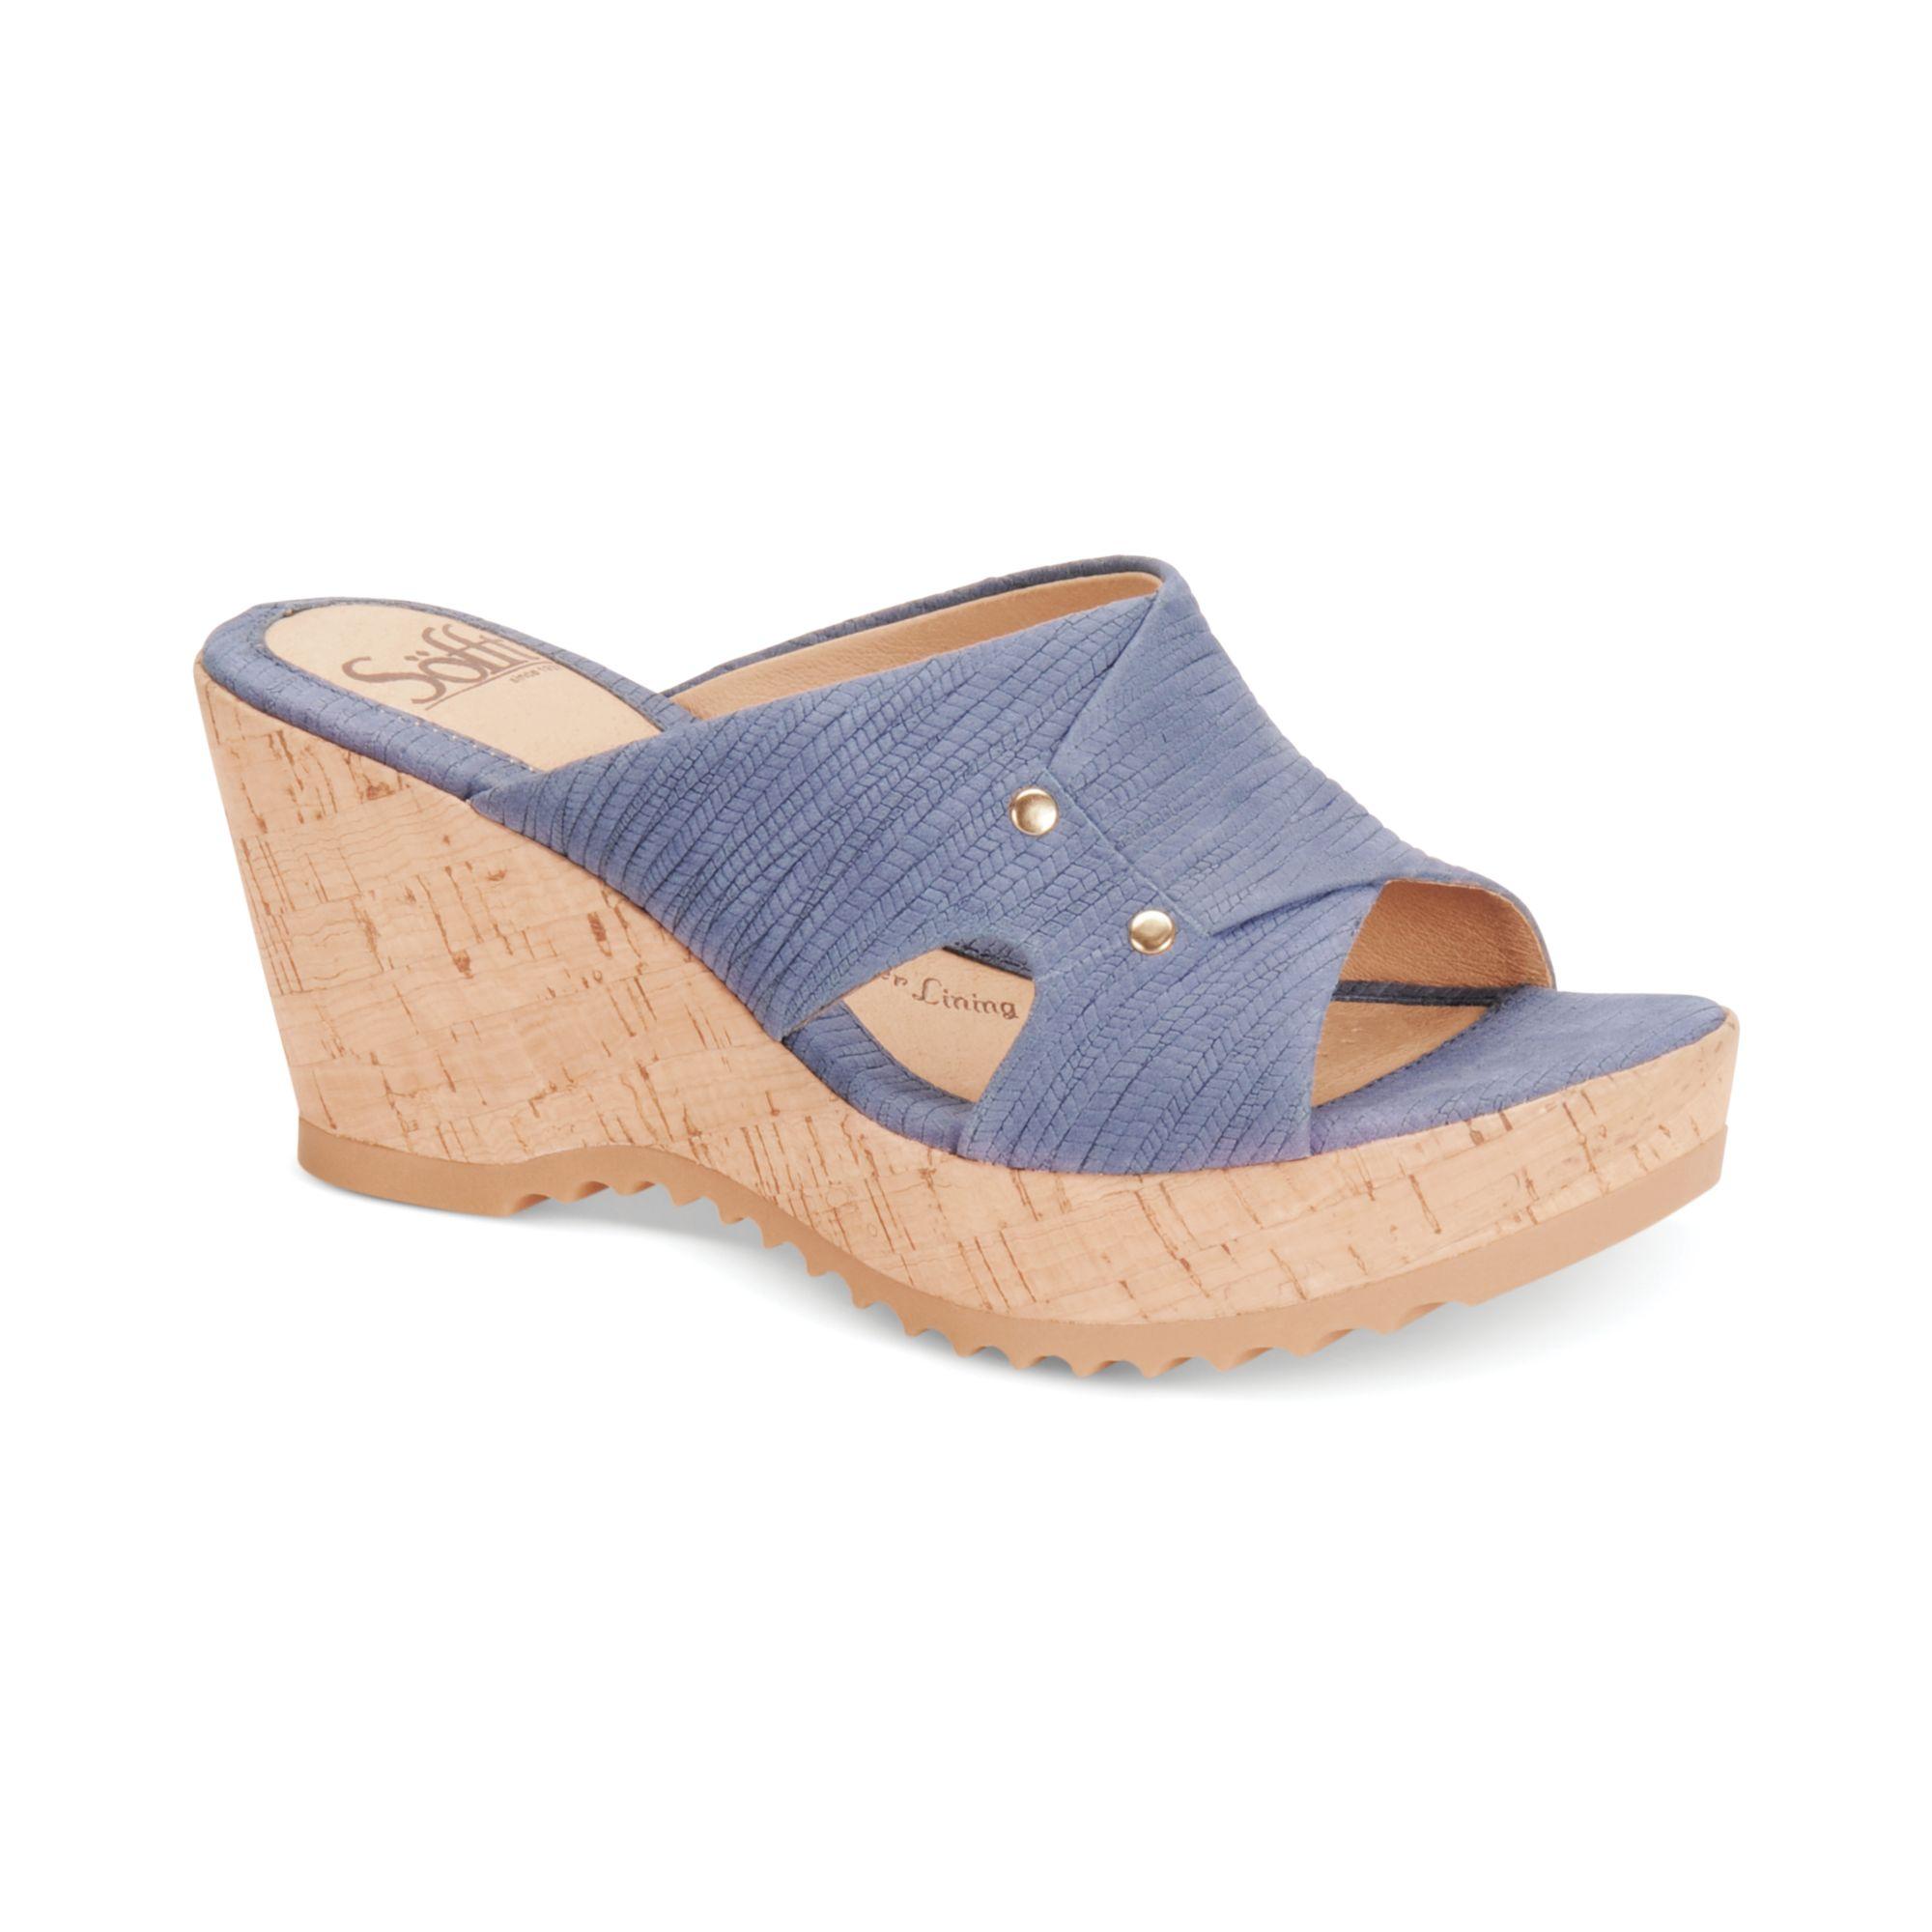 s 246 fft sancia platform wedge sandals in blue denim blue